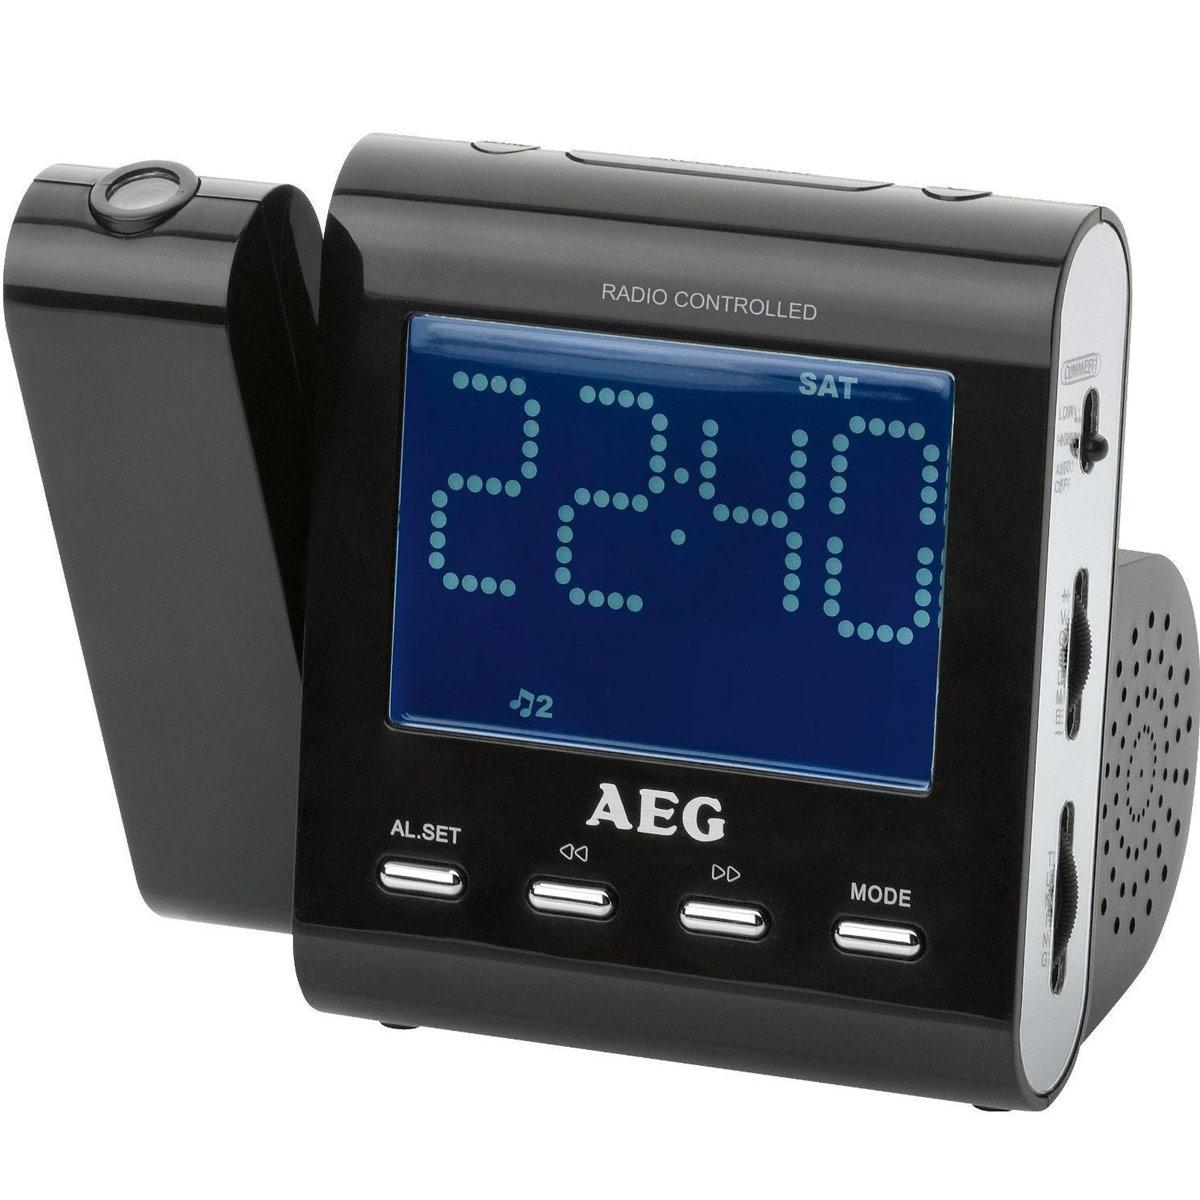 AEG MRC 4122 F, Black радиочасыMRC 4122 FРадиобудильник AEG MRC 4122 F.Вход AUX-INИндикация дня недели, индикация датыПроекция времени с возможностью включения/отключенияПоворотный проектор 180° с возможностью фокусировкиСветодиодный дисплей размером около 9,5 см, с синей подсветкойЦифровая индикация частоты настройки, дипольная антеннаРезервное питание для часов при отключении питания сетиРезервное питание для часов: часоваябатарея CR 2032 (батарея в комплект поставки не входит)